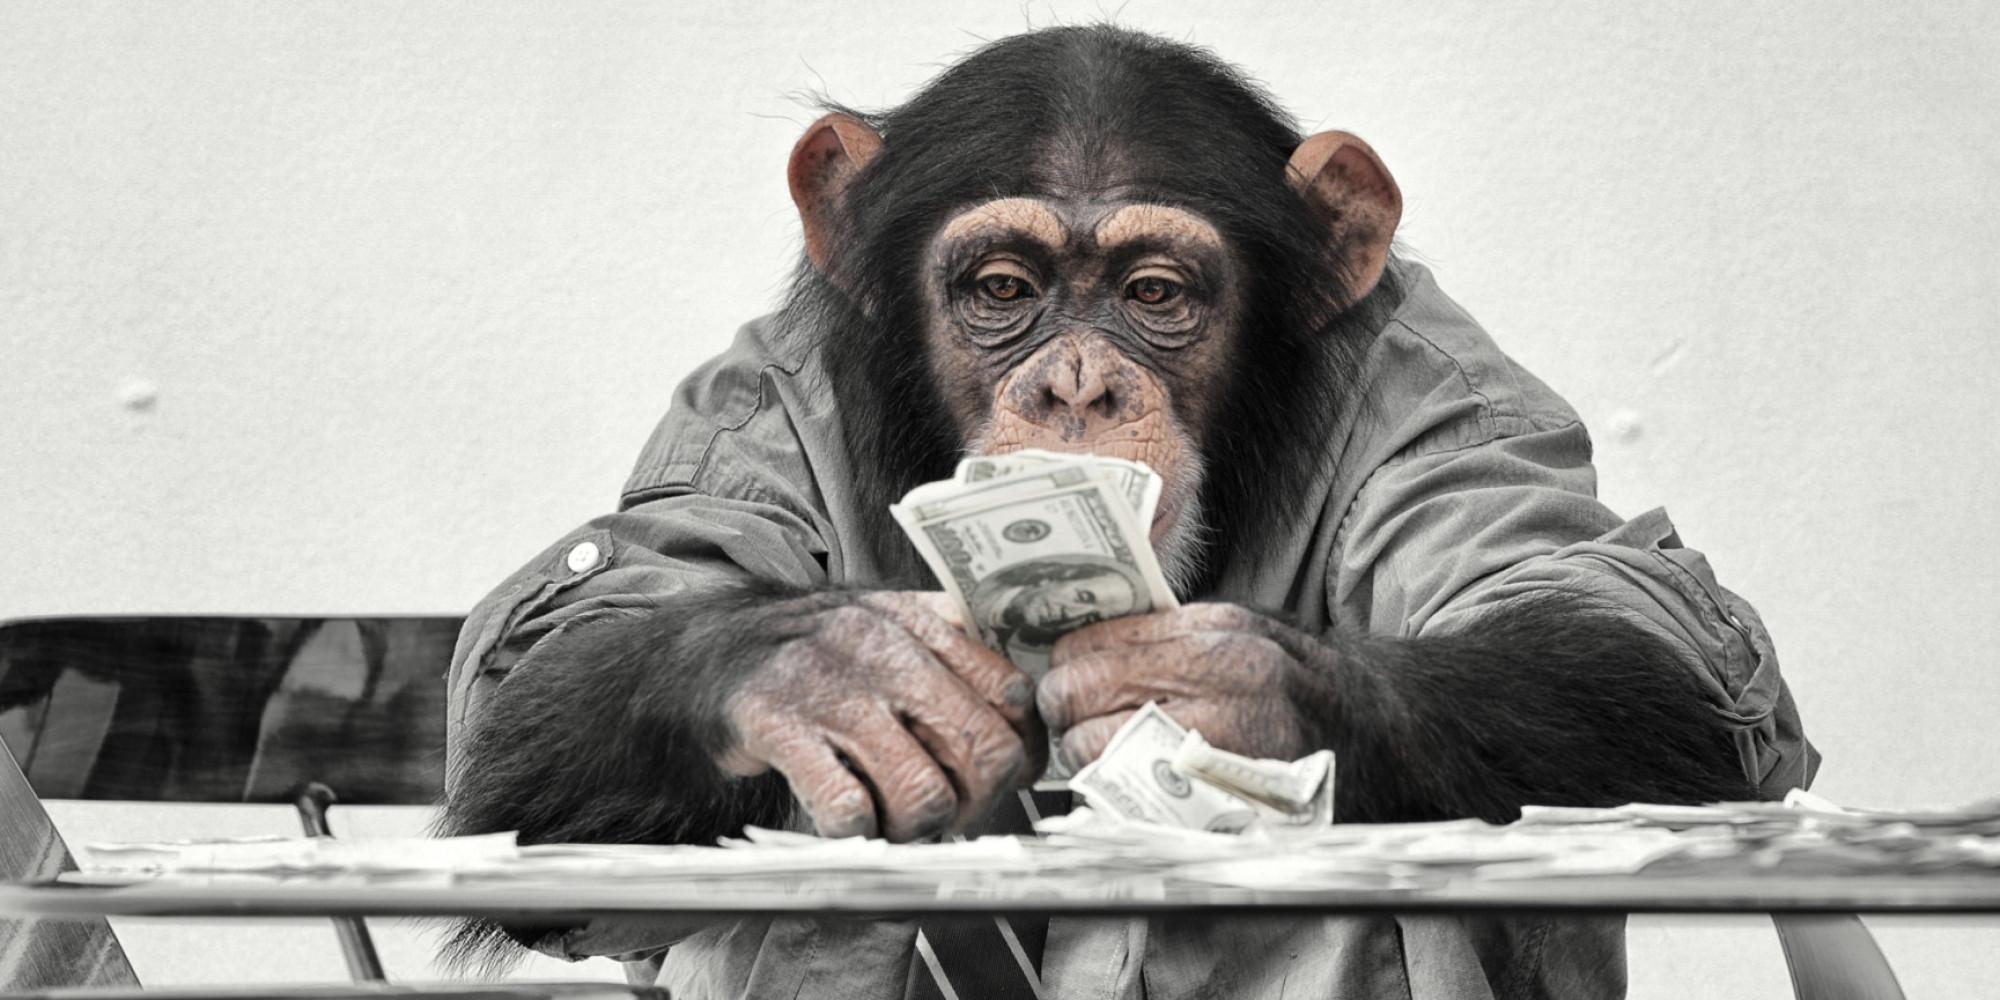 Money Monkeys